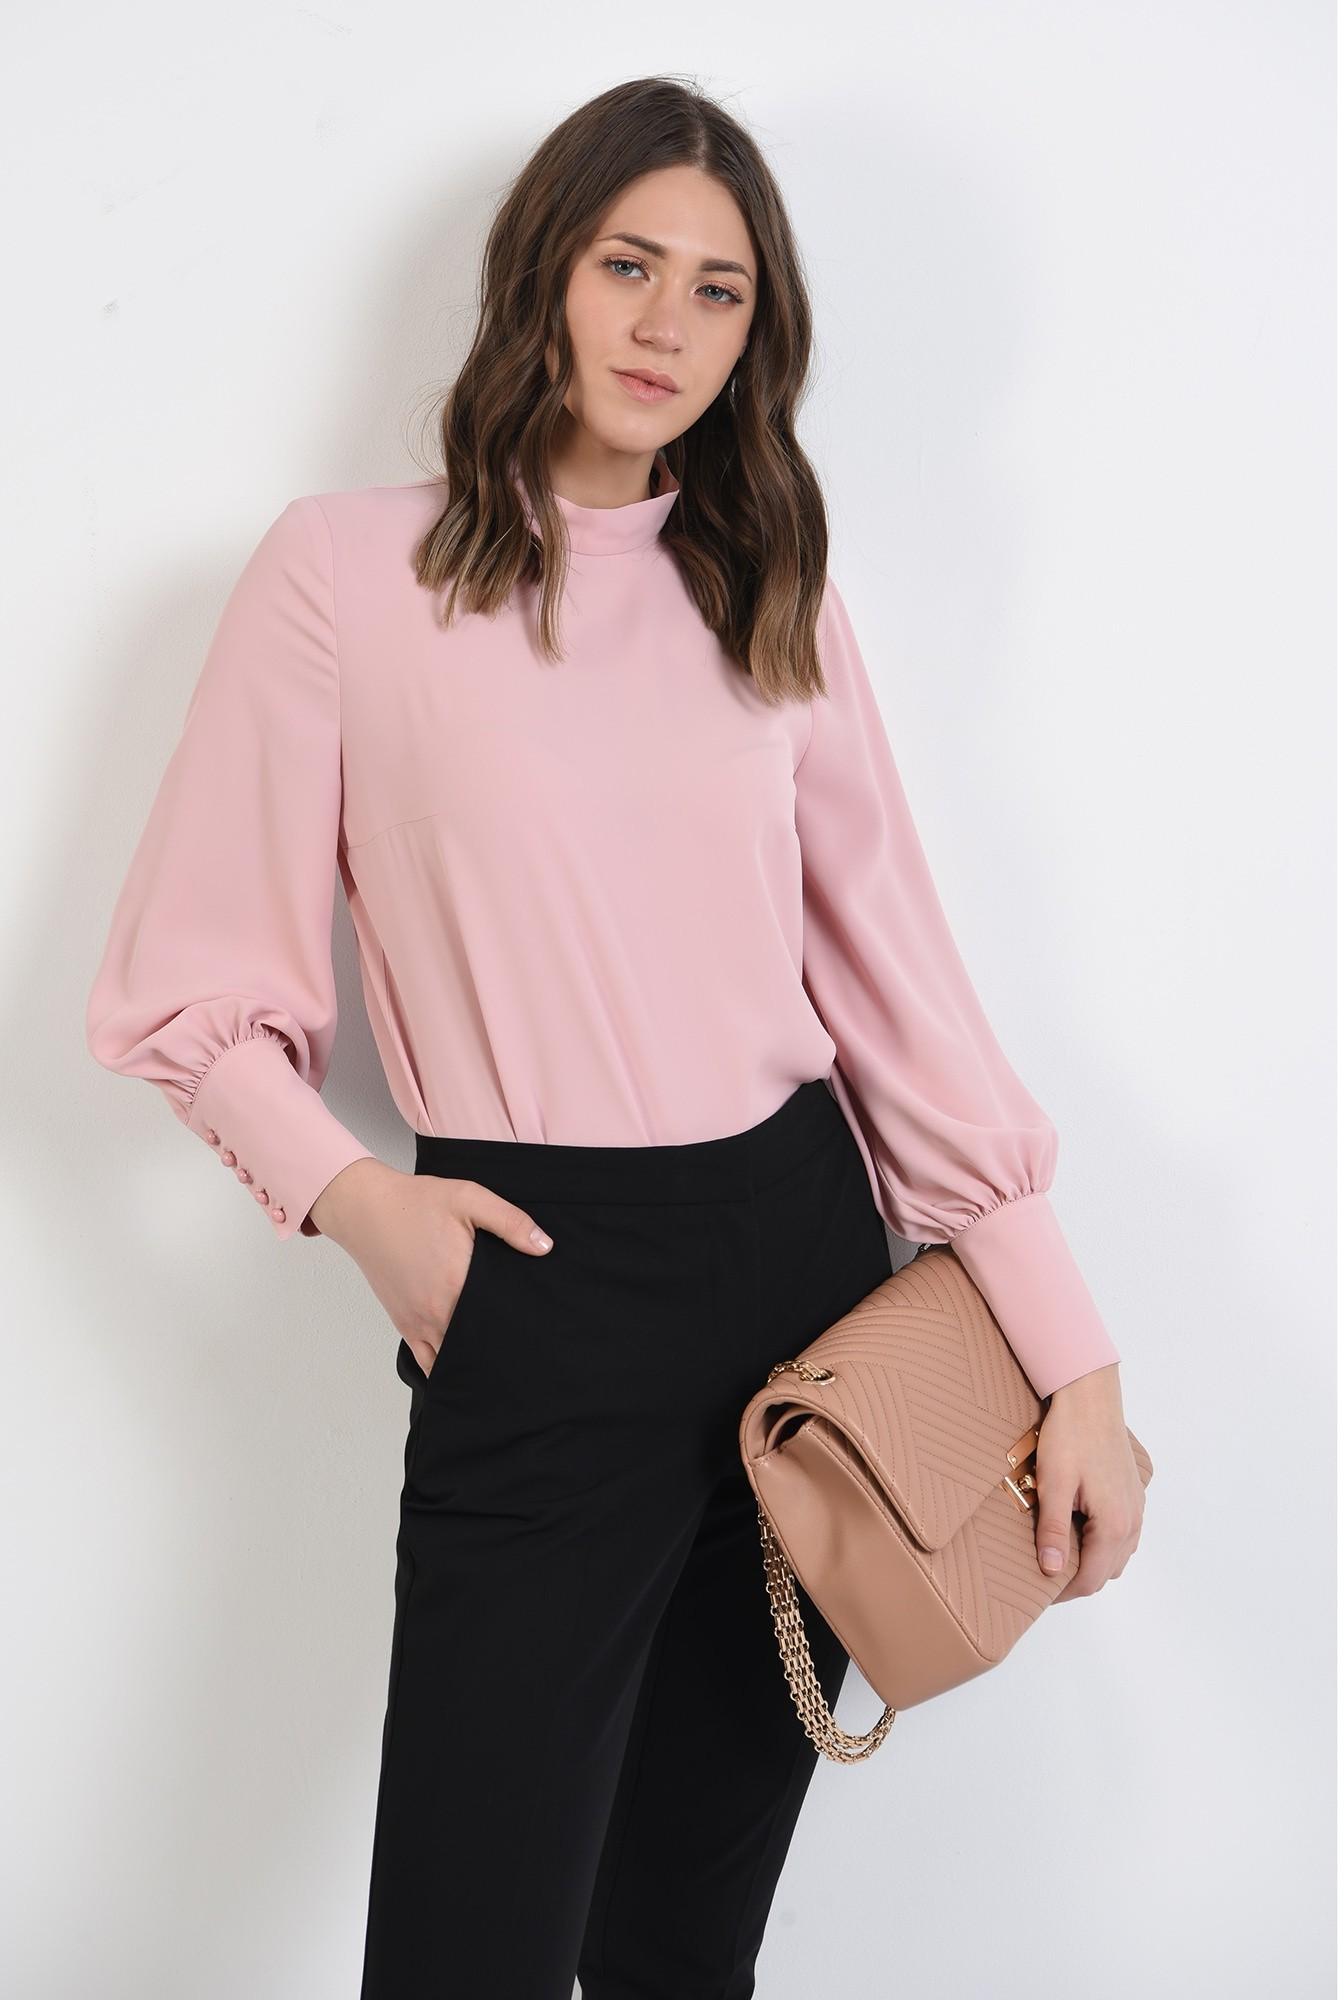 0 - pantaloni office, croi conic, la dunga, talie medie, cu buzunare, negru